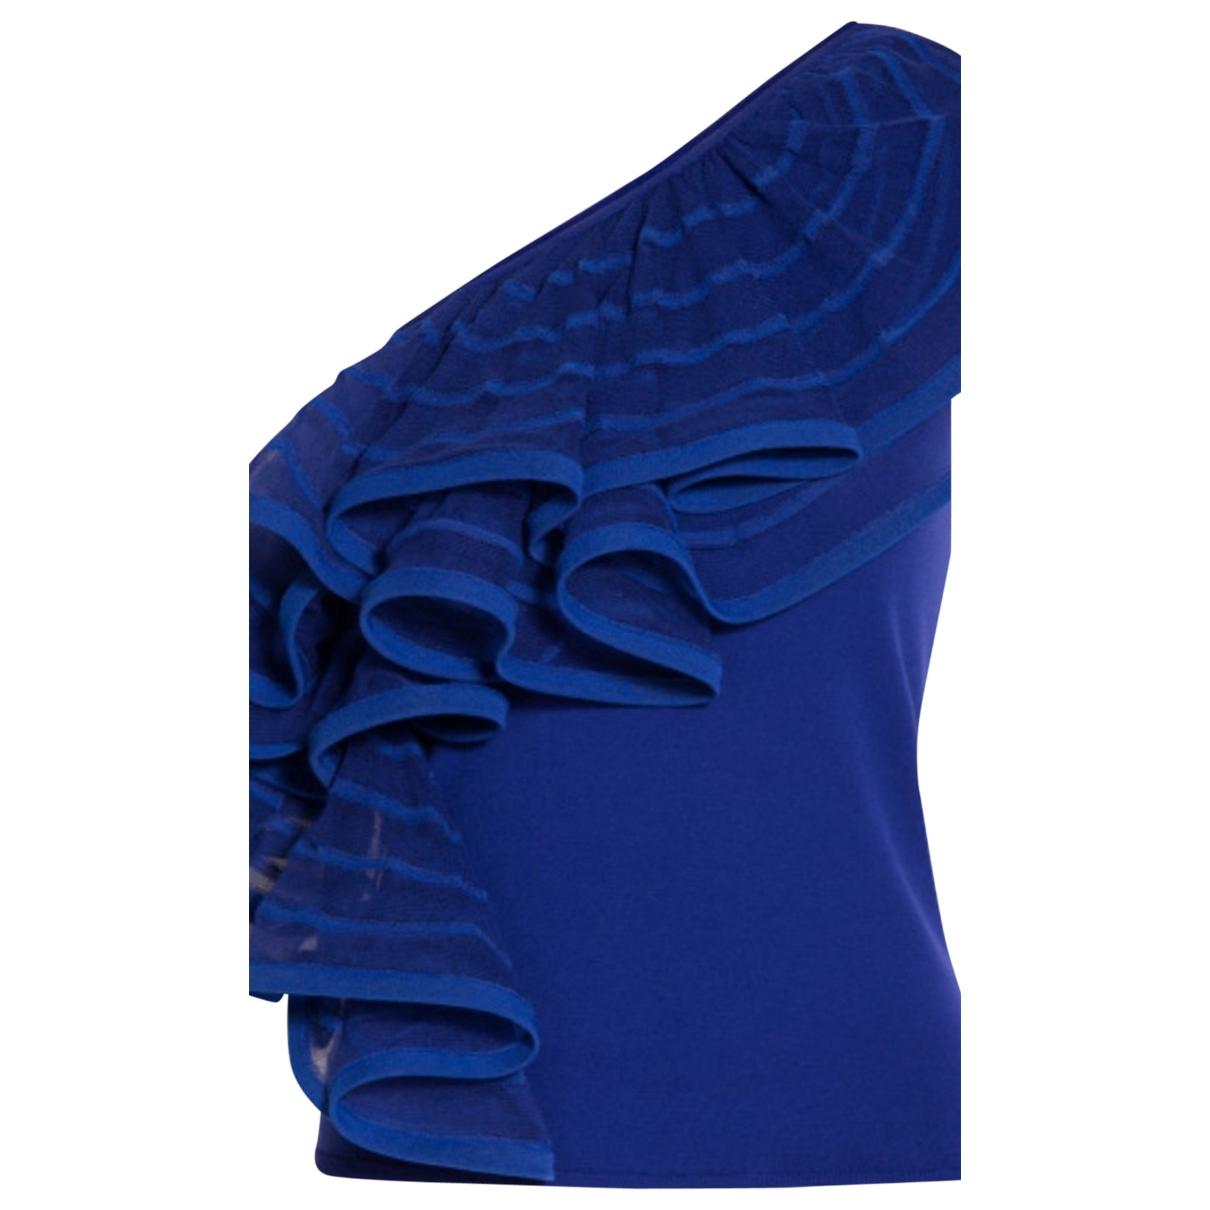 Emporio Armani - Top   pour femme - bleu